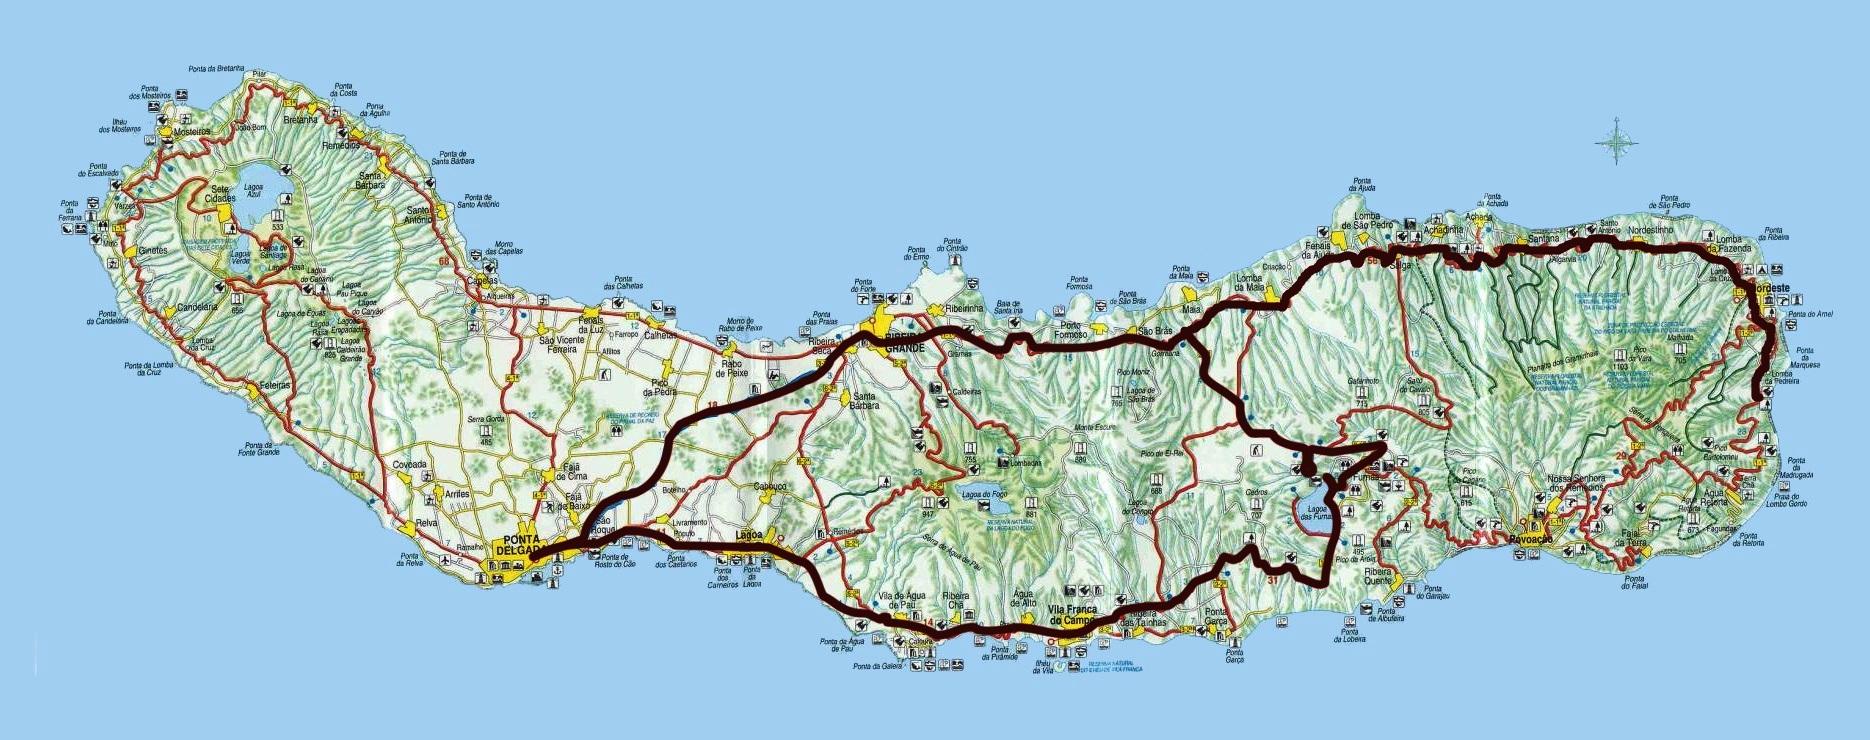 mapa-furnas